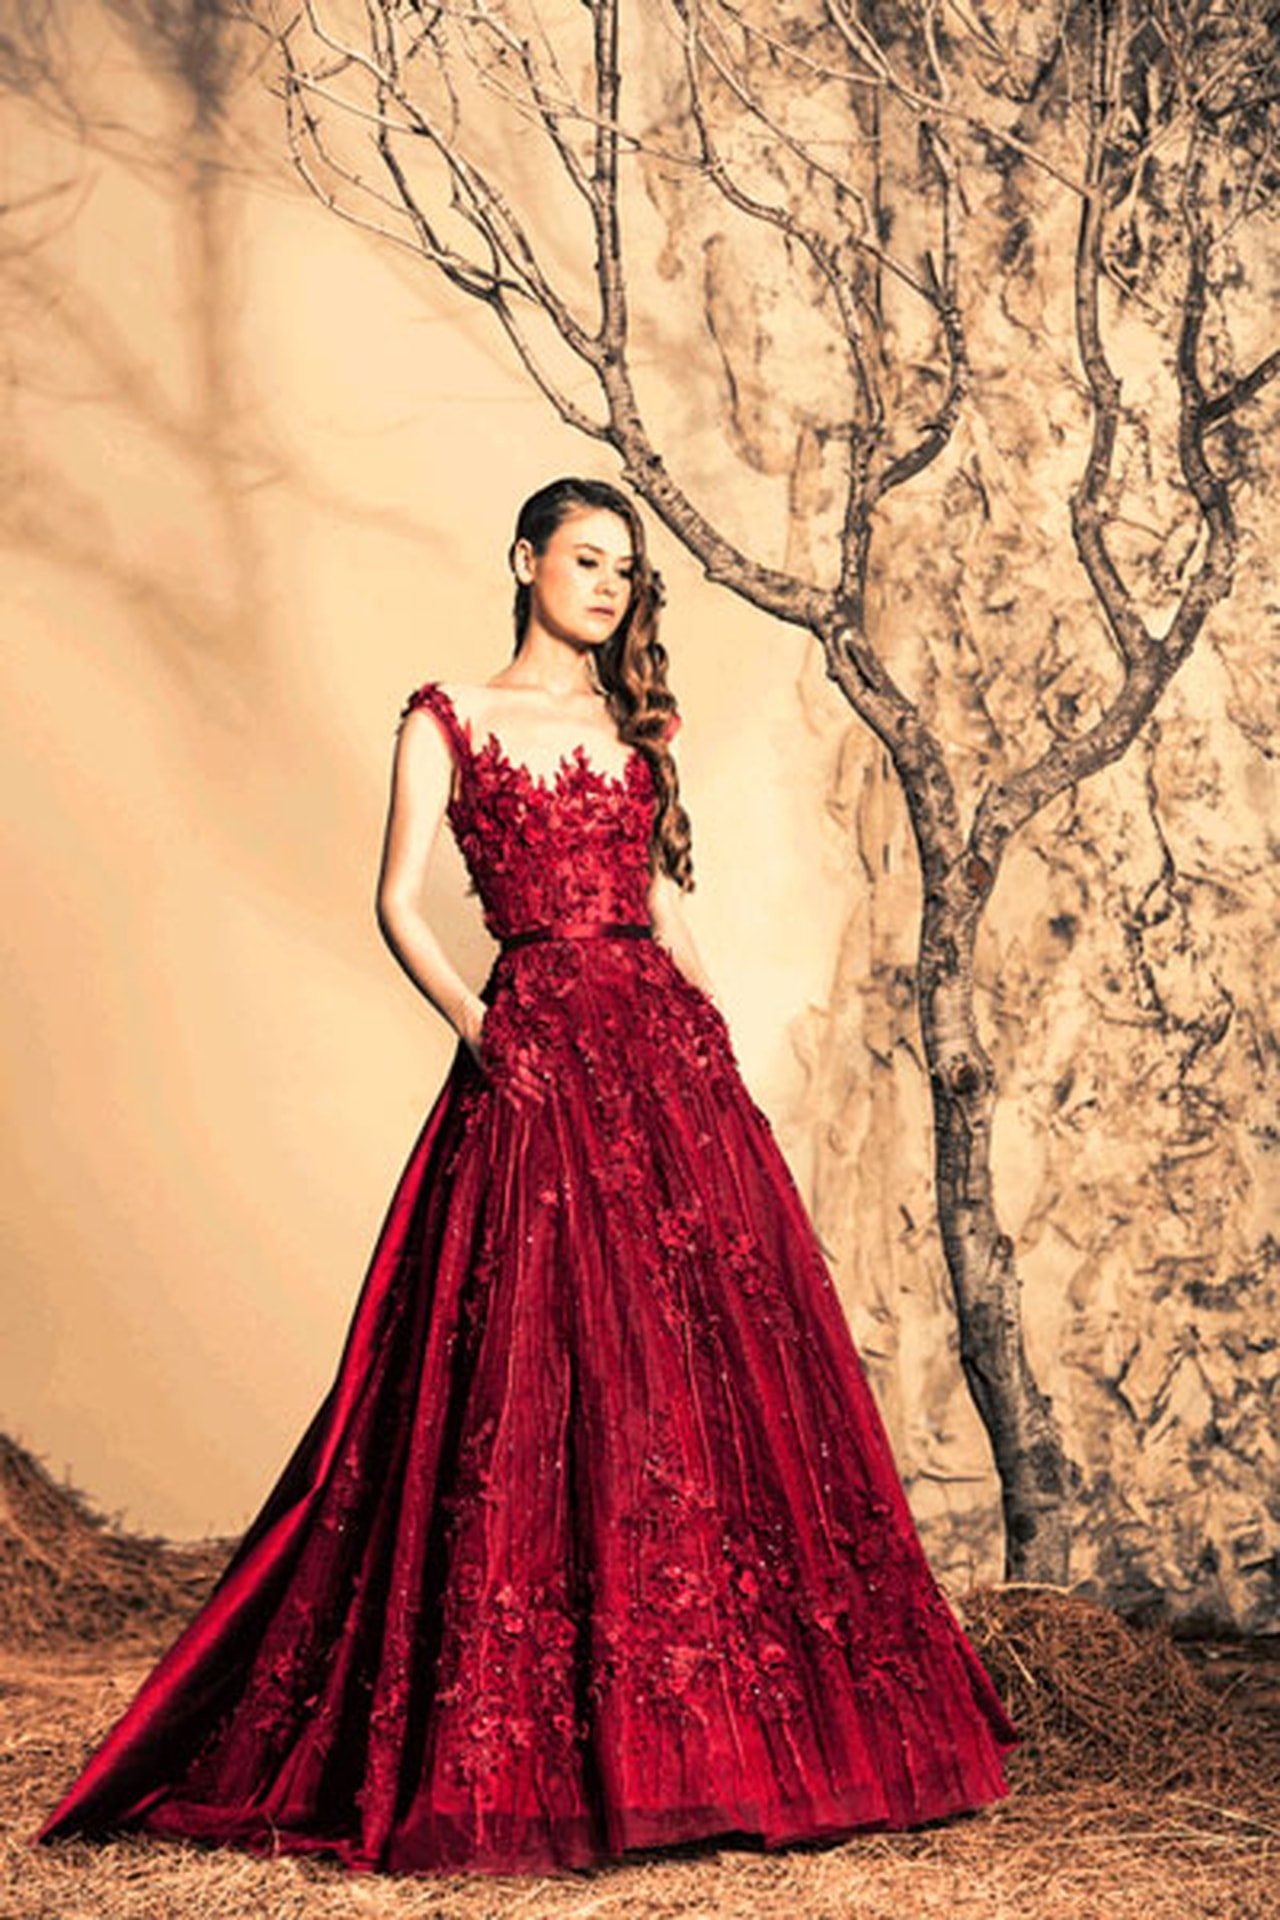 بالصور اجمل موديلات فساتين , فستان بنات يجنن 886 6